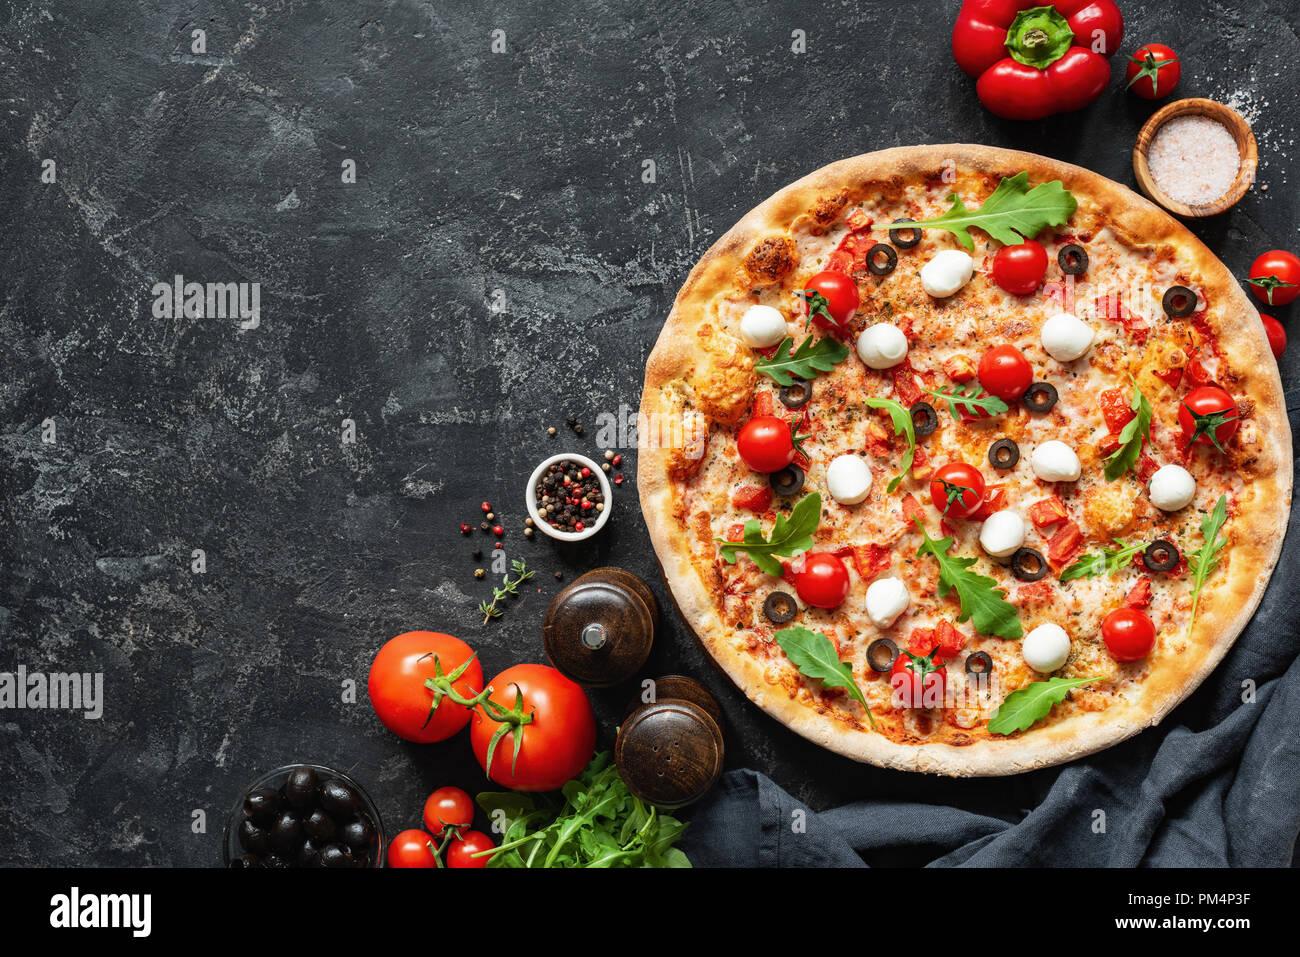 La pizza italiana en negro de fondo concreta. Espacio para copiar texto. Deliciosa Pizza Imagen De Stock